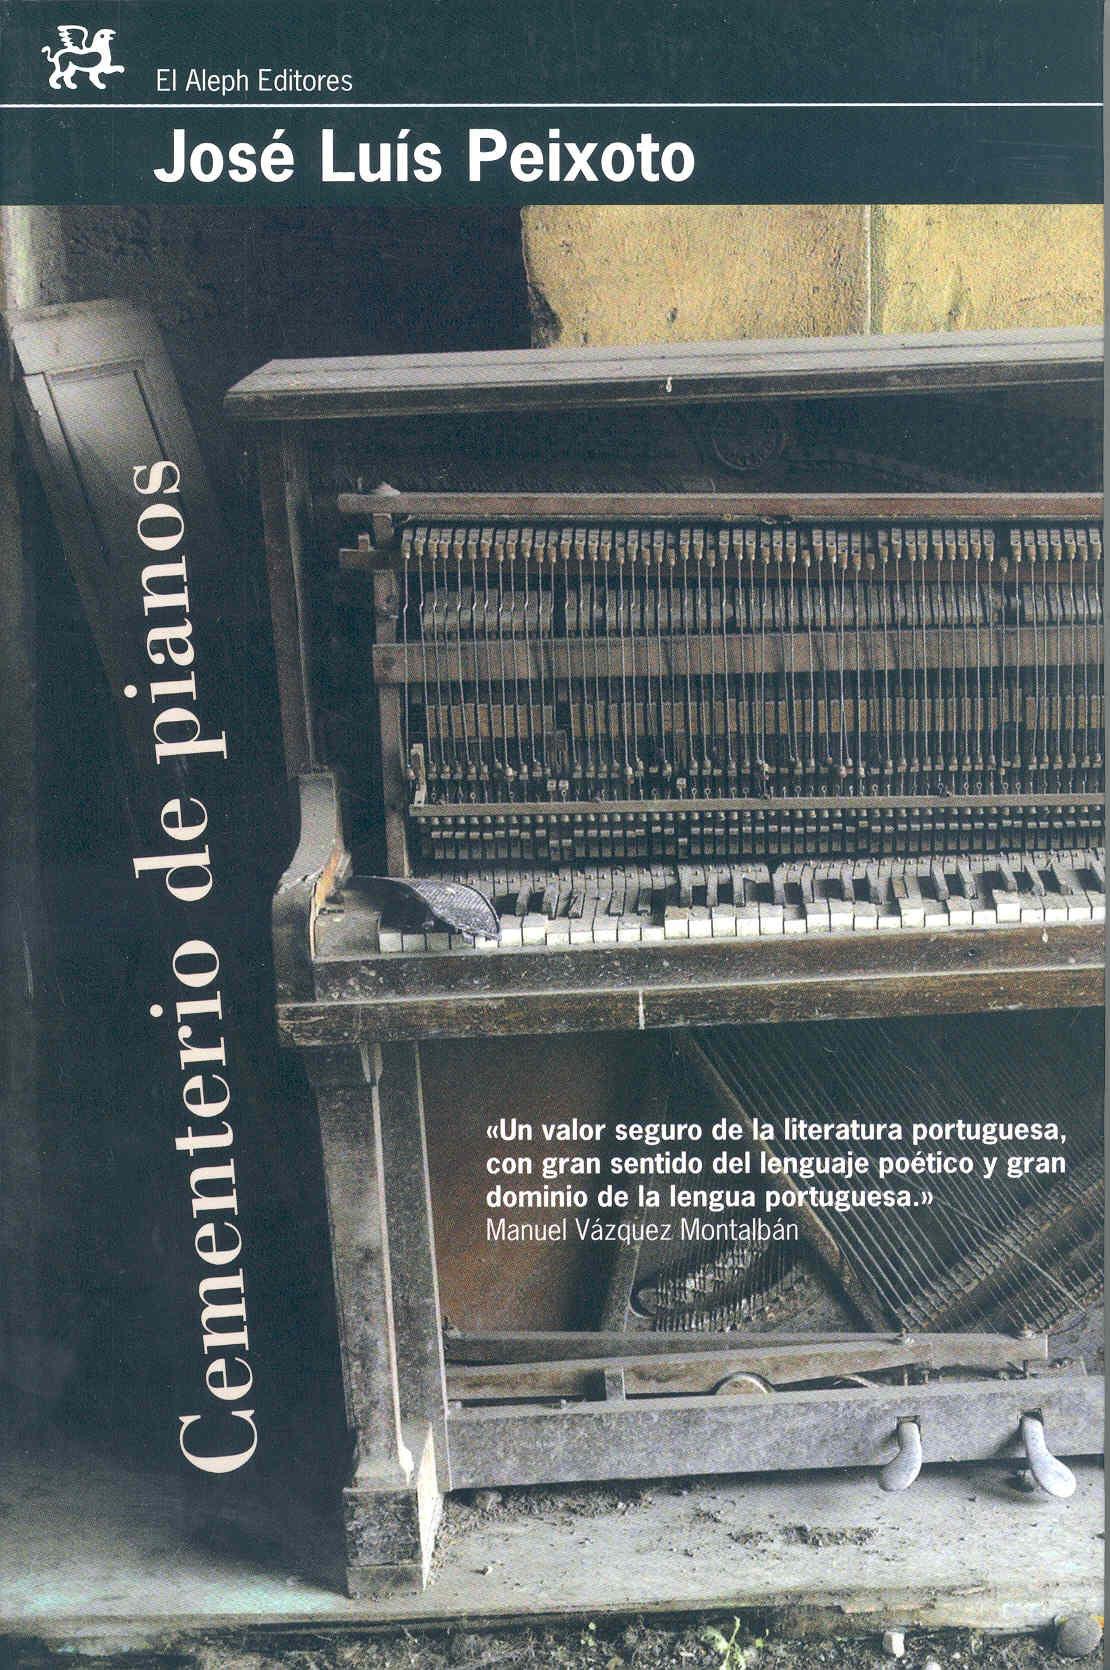 Cementerio de pianos - Jose Luis Peixoto